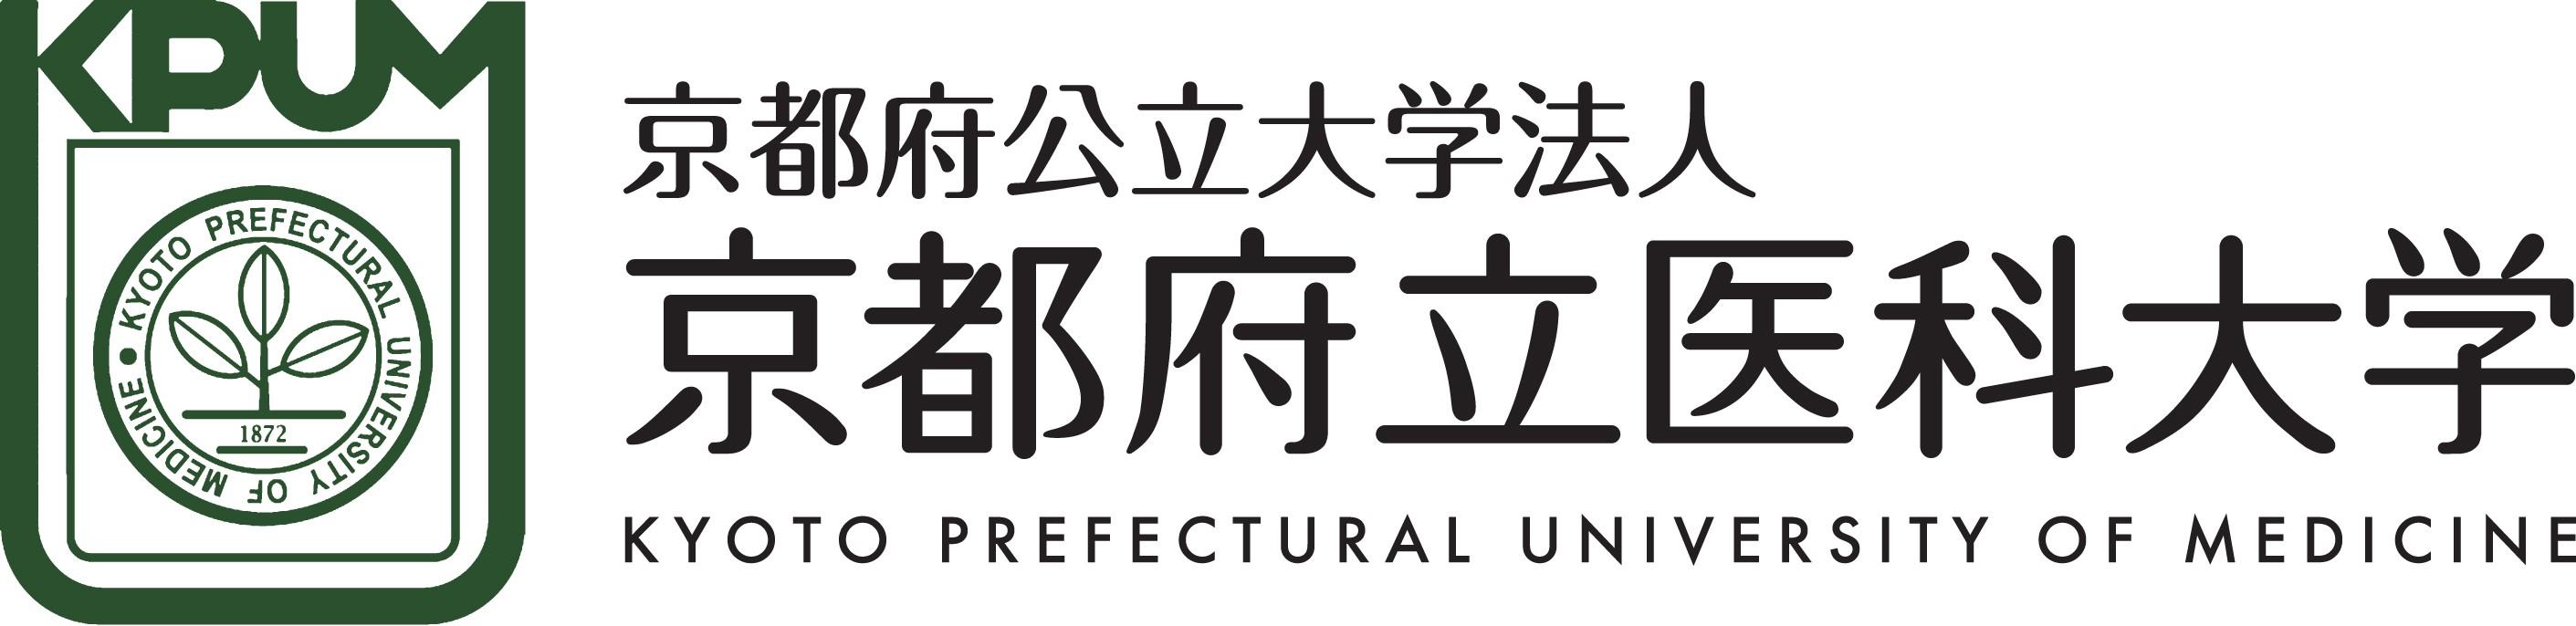 Kyotoikadai_logo.jpg